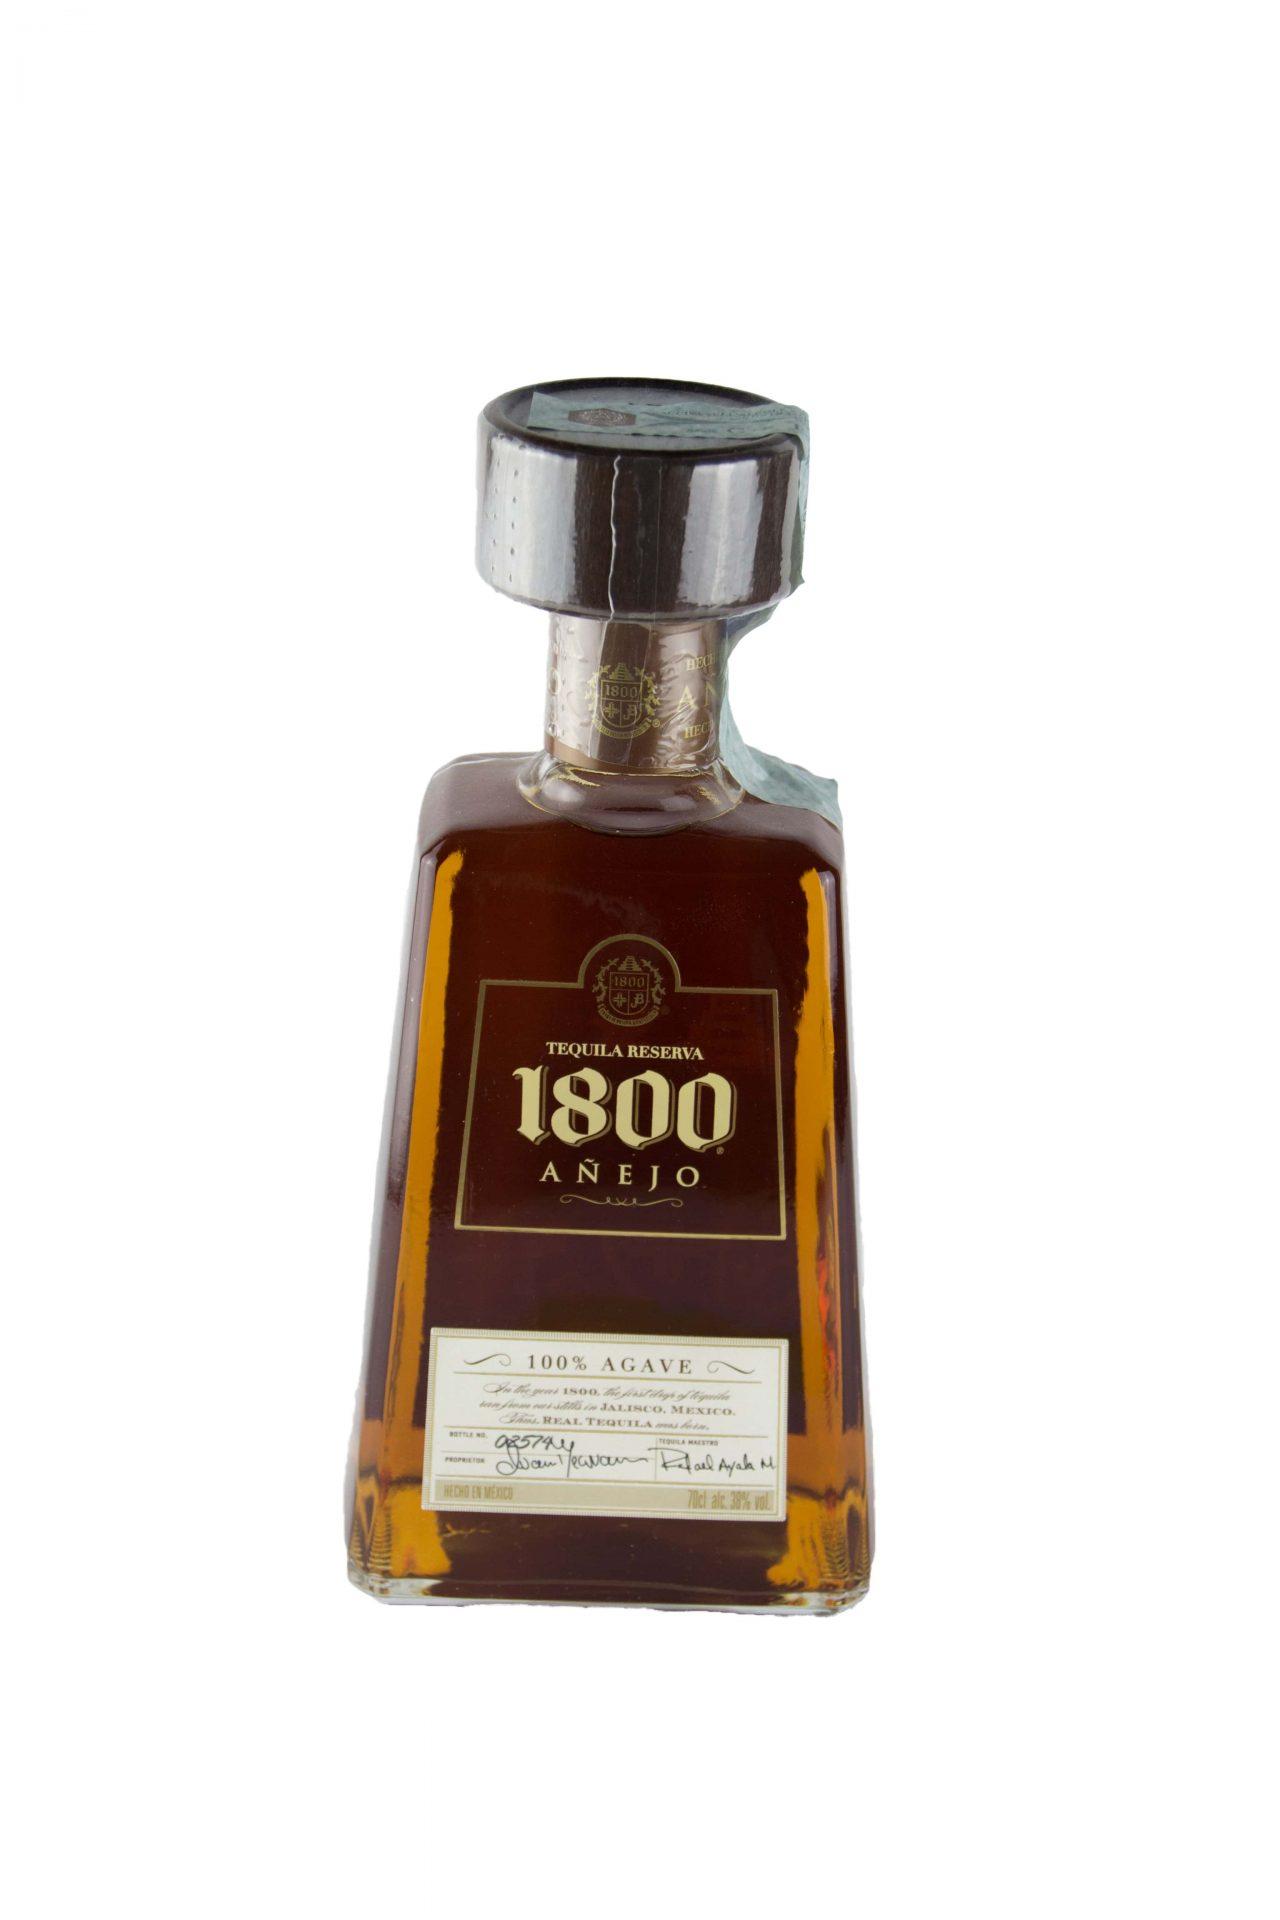 Tequila Reserva 1800 – Añejo